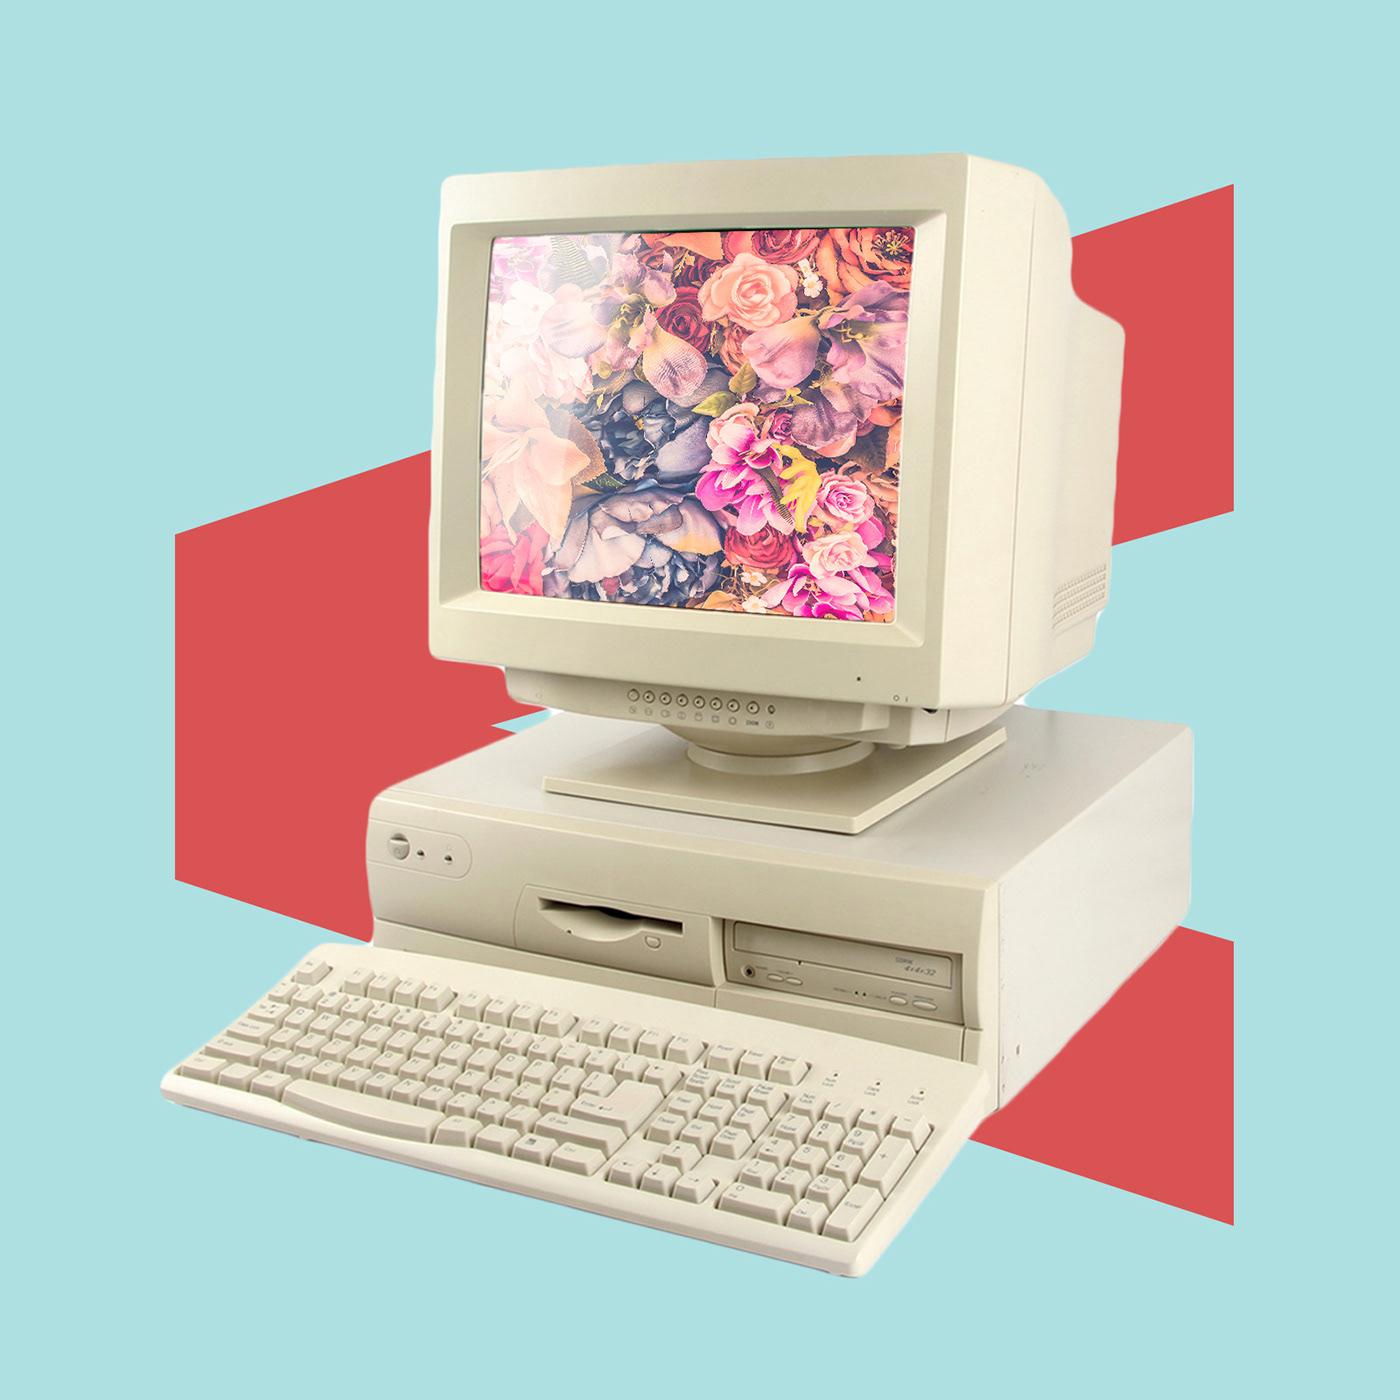 Image may contain: computer monitor, television and computer keyboard